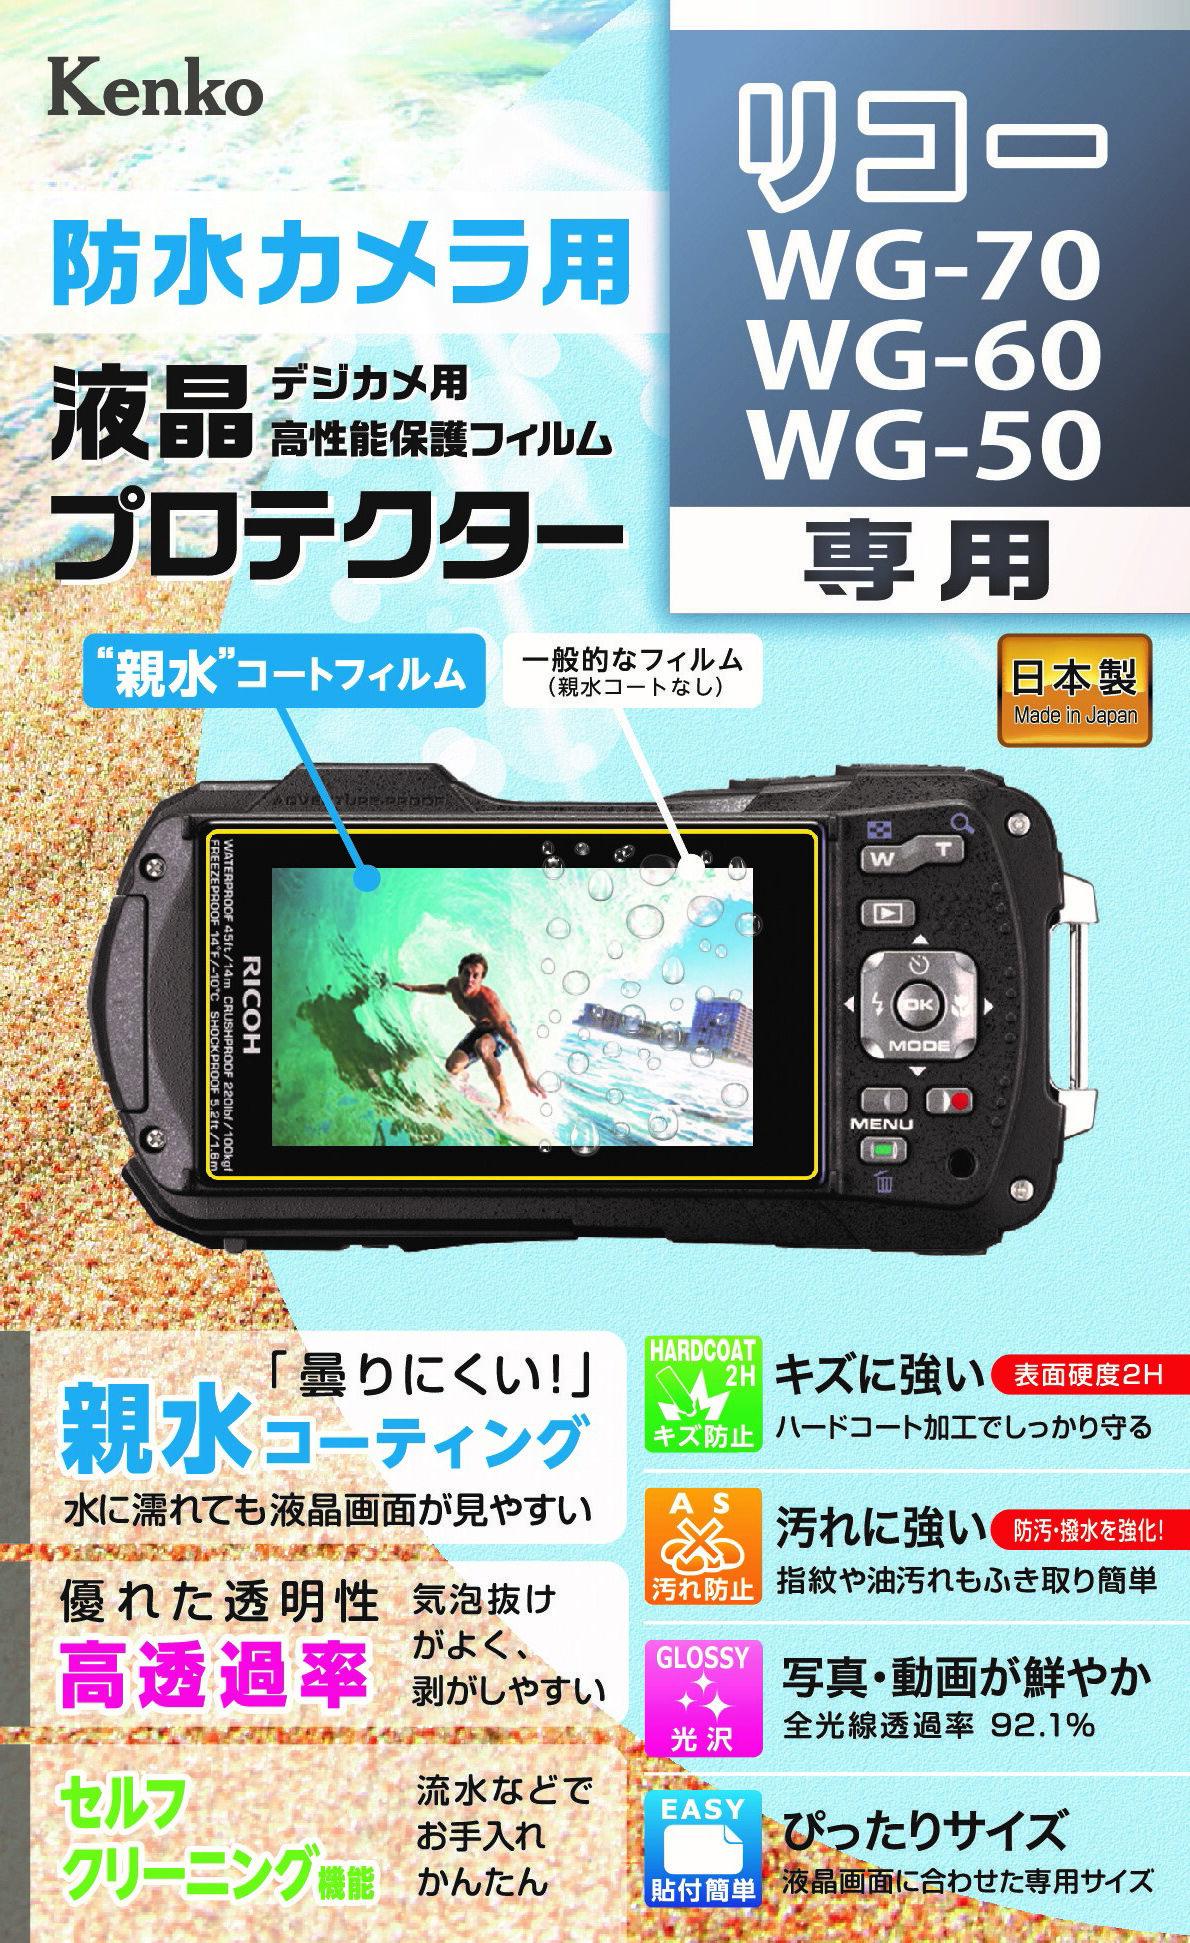 https://www.kenko-tokina.co.jp/imaging/eq/mt-images/4961607879719.jpg